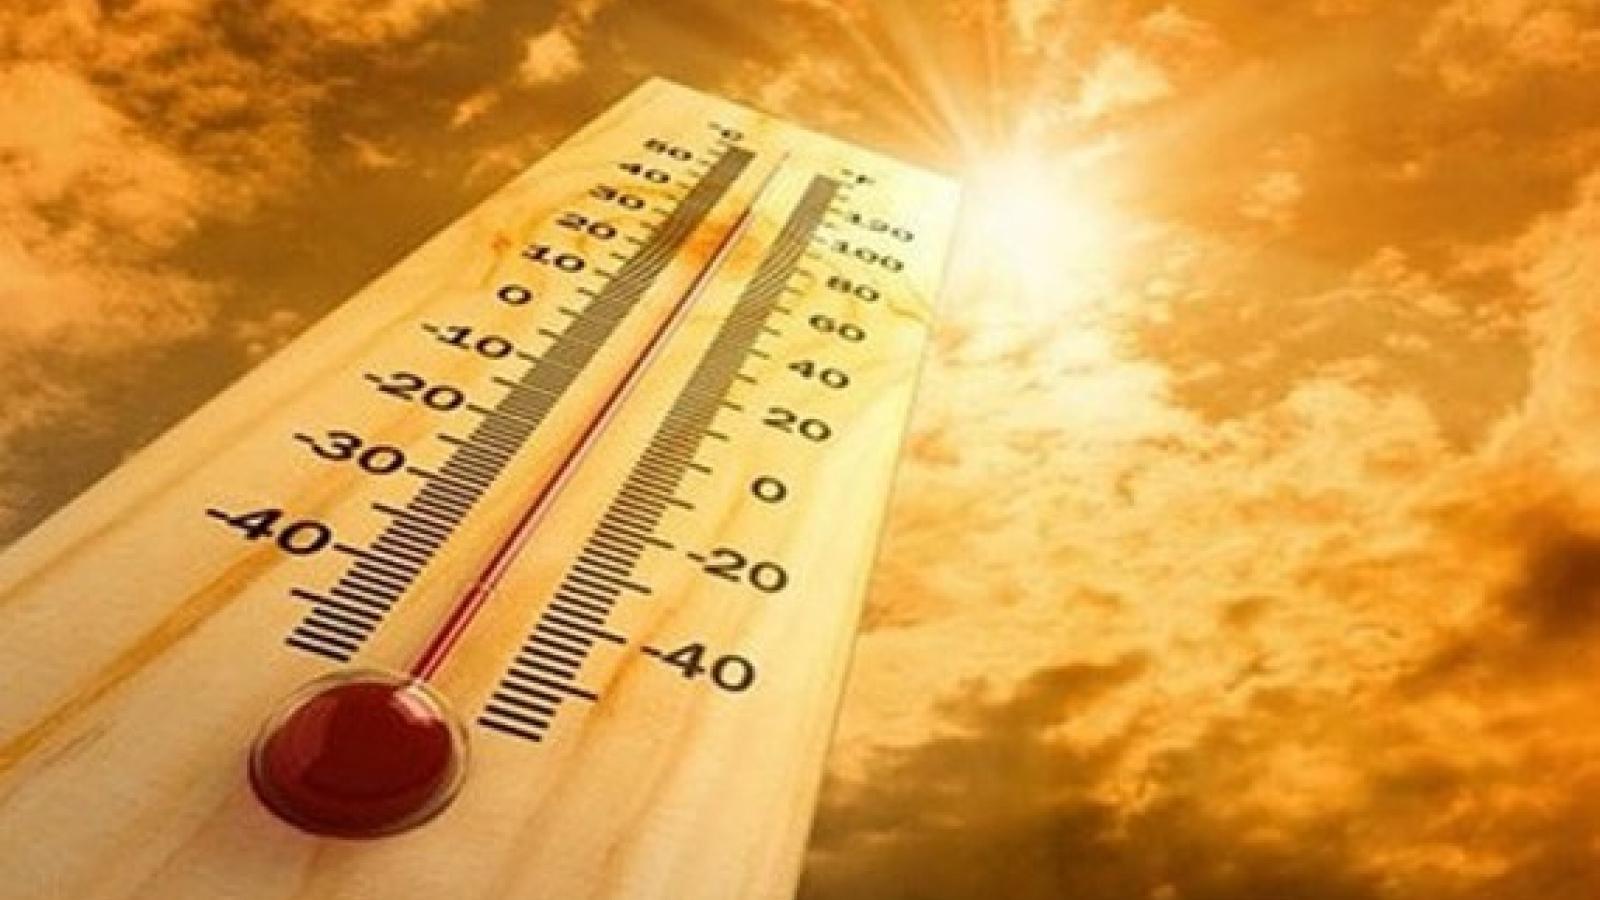 Nắng nóng ở Bắc Bộ có khả năng kéo dài khoảng 4 - 5 ngày tới